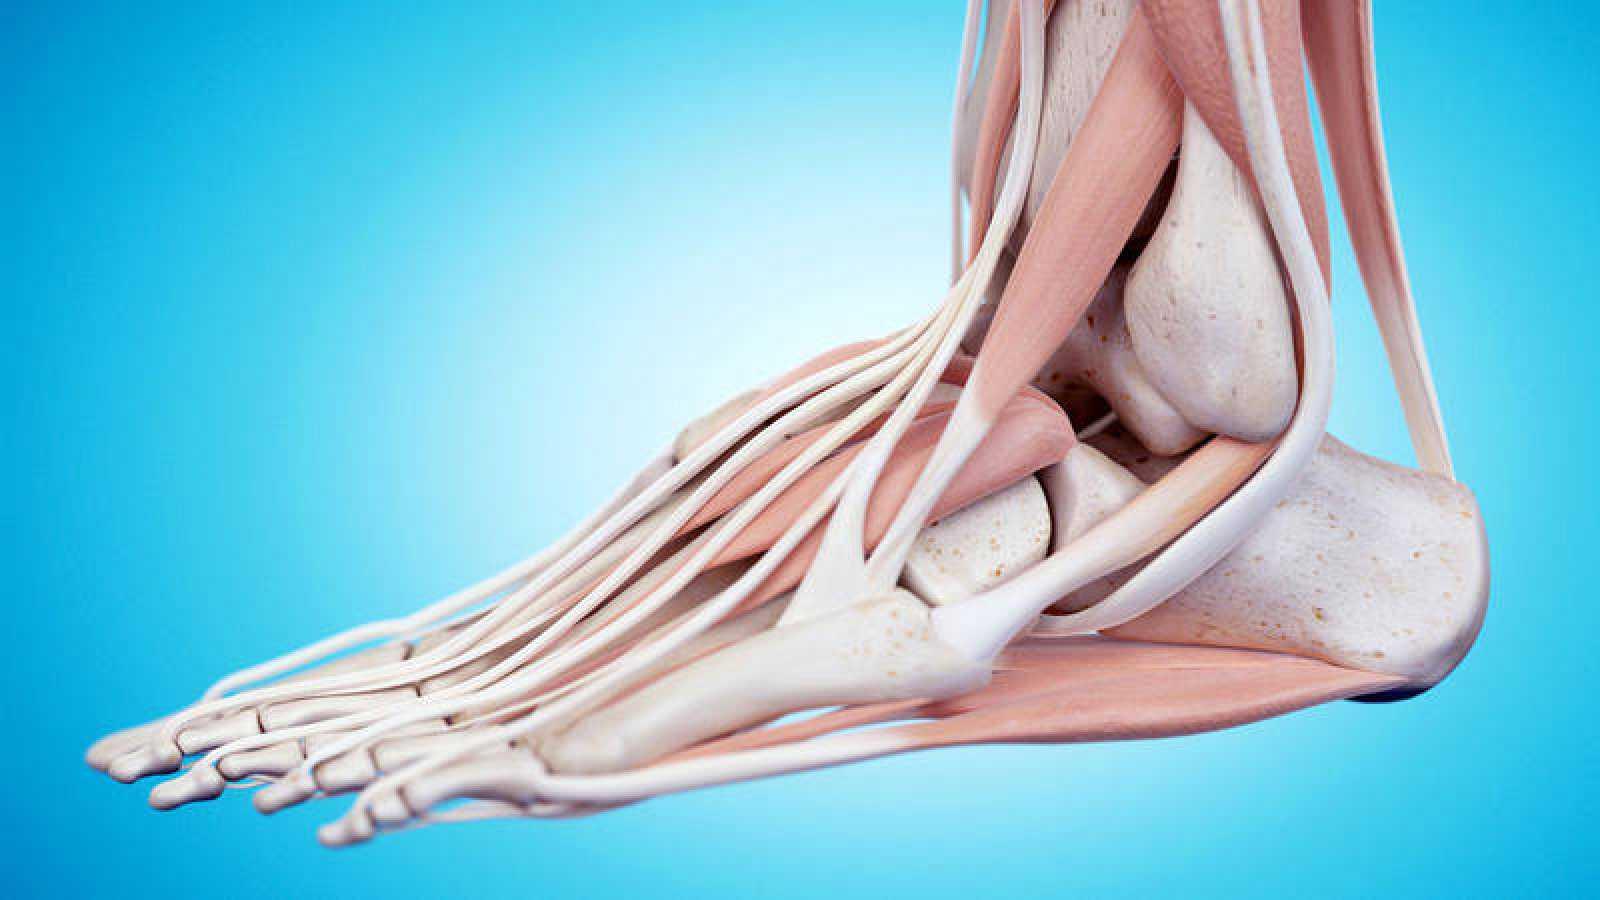 Descubren un ligamento en el tobillo que no está en los manuales de anatomía